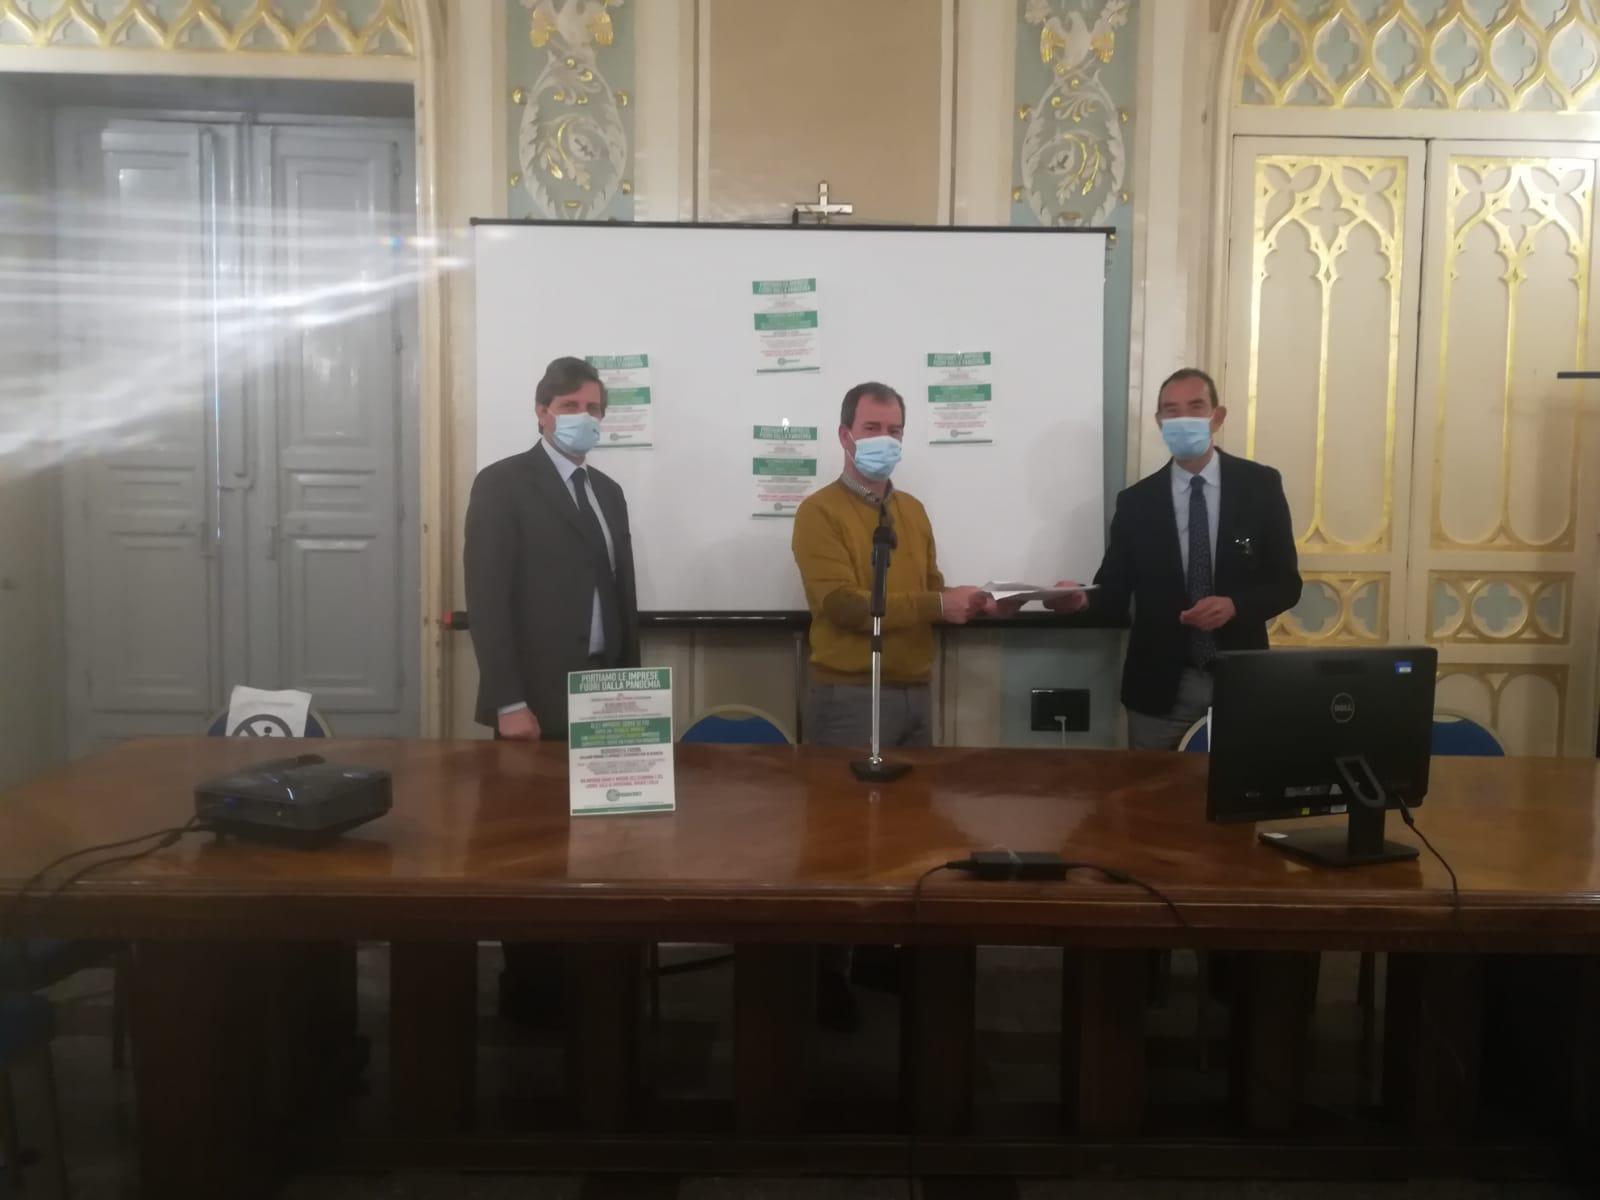 Confesercenti Sicilia incontra i vertici della Camera di Commercio di Agrigento: una mobilitazione nazionale per portare le imprese fuori dalla pandemia